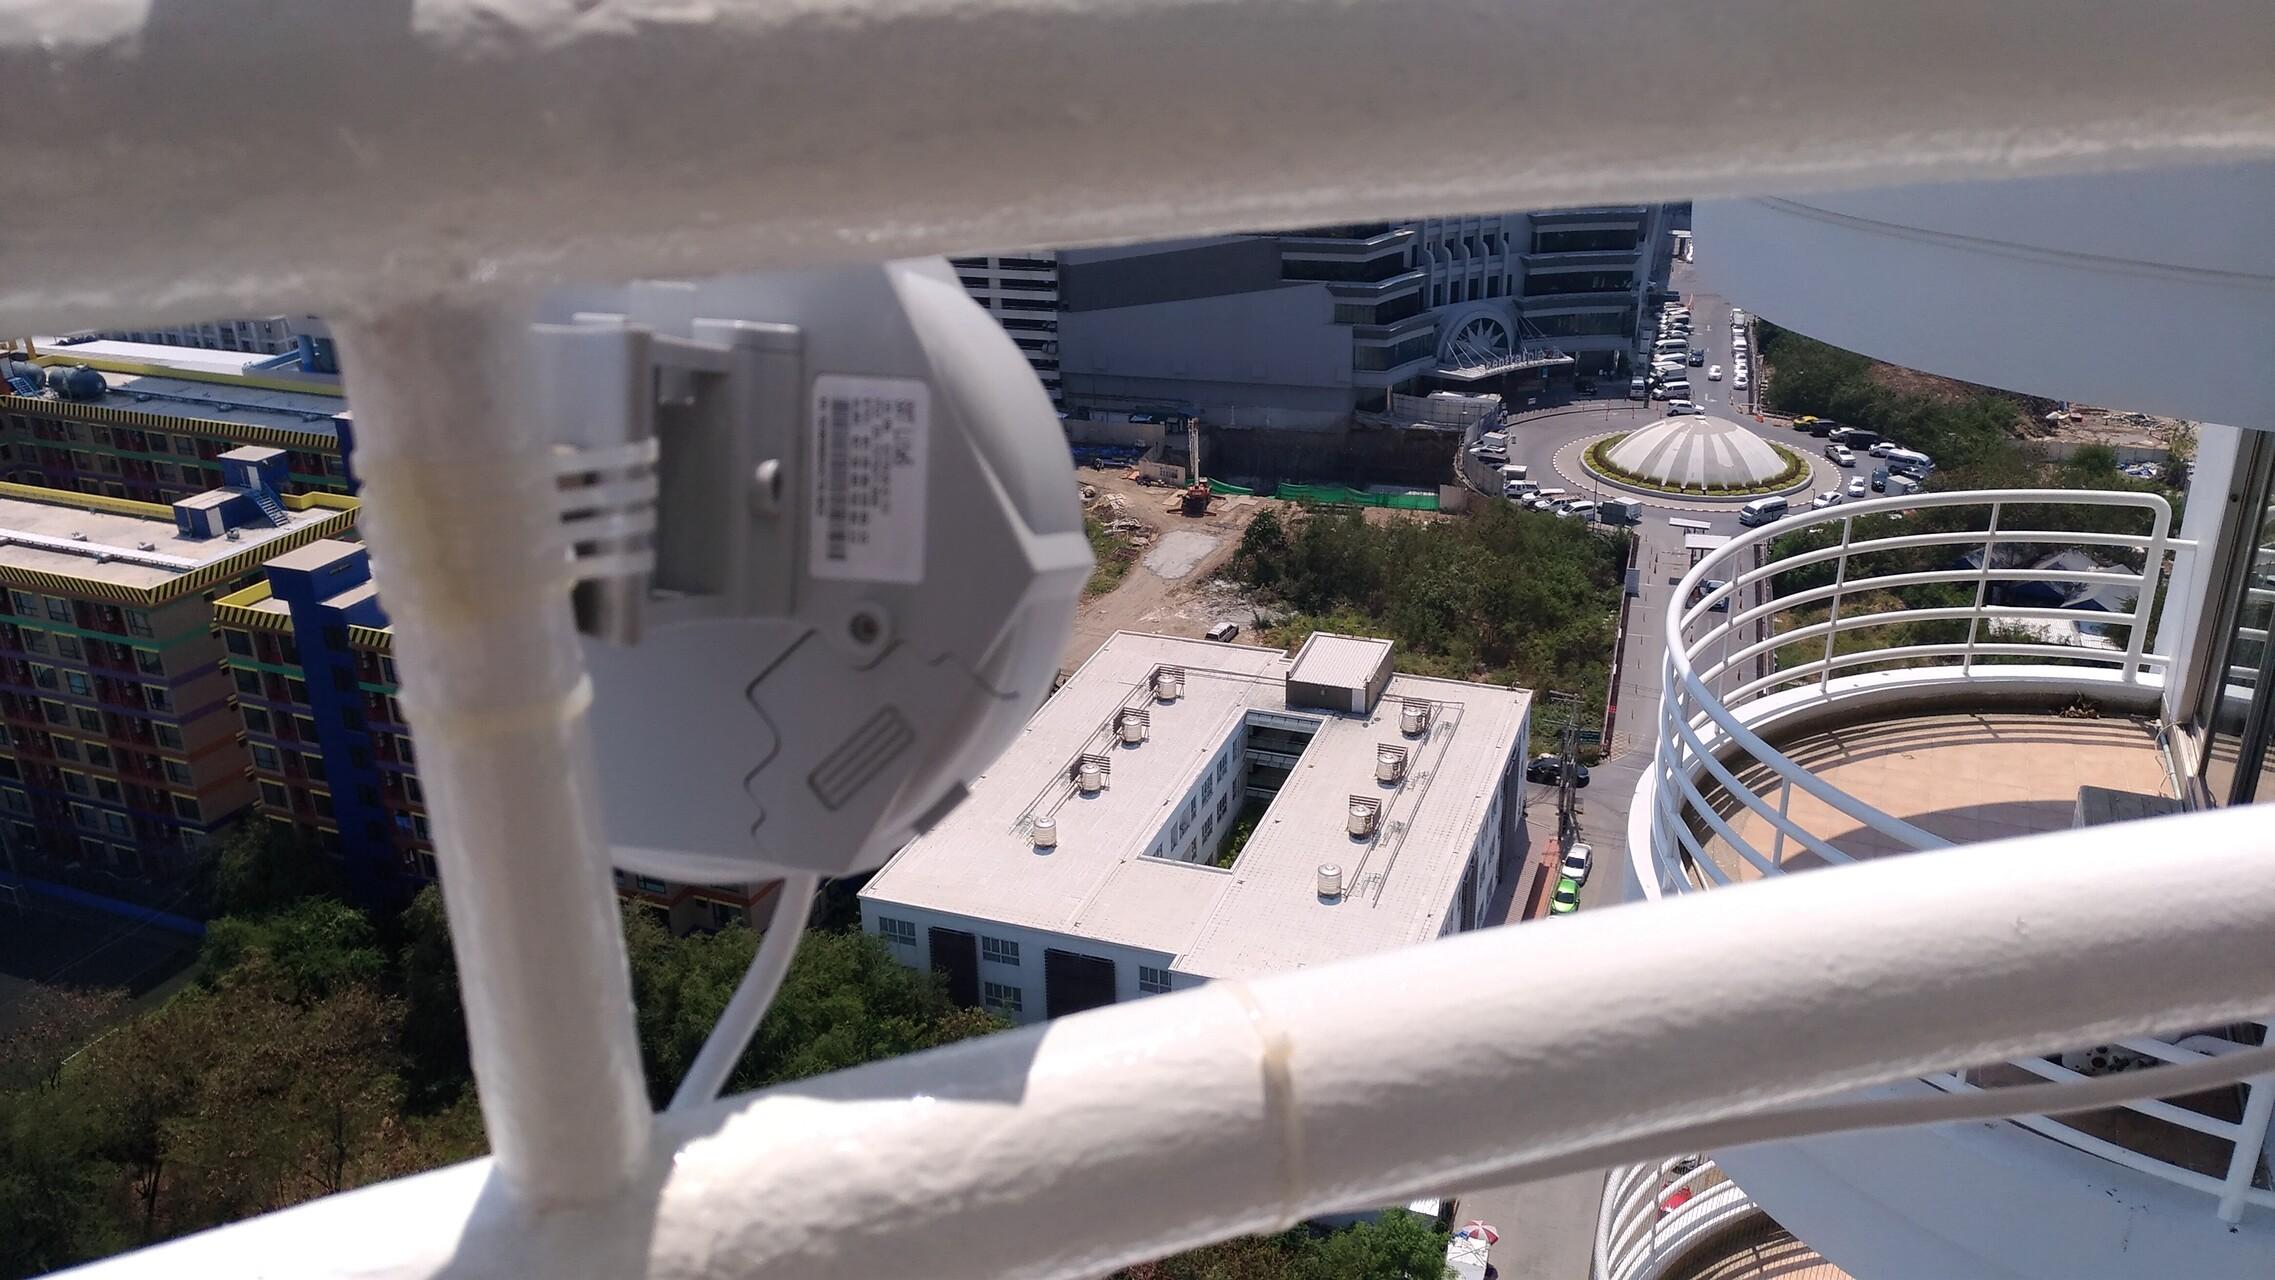 บริการออกแบบ-ติดตั้ง-แก้ไขระบบ LINK WiFi SOLUTION